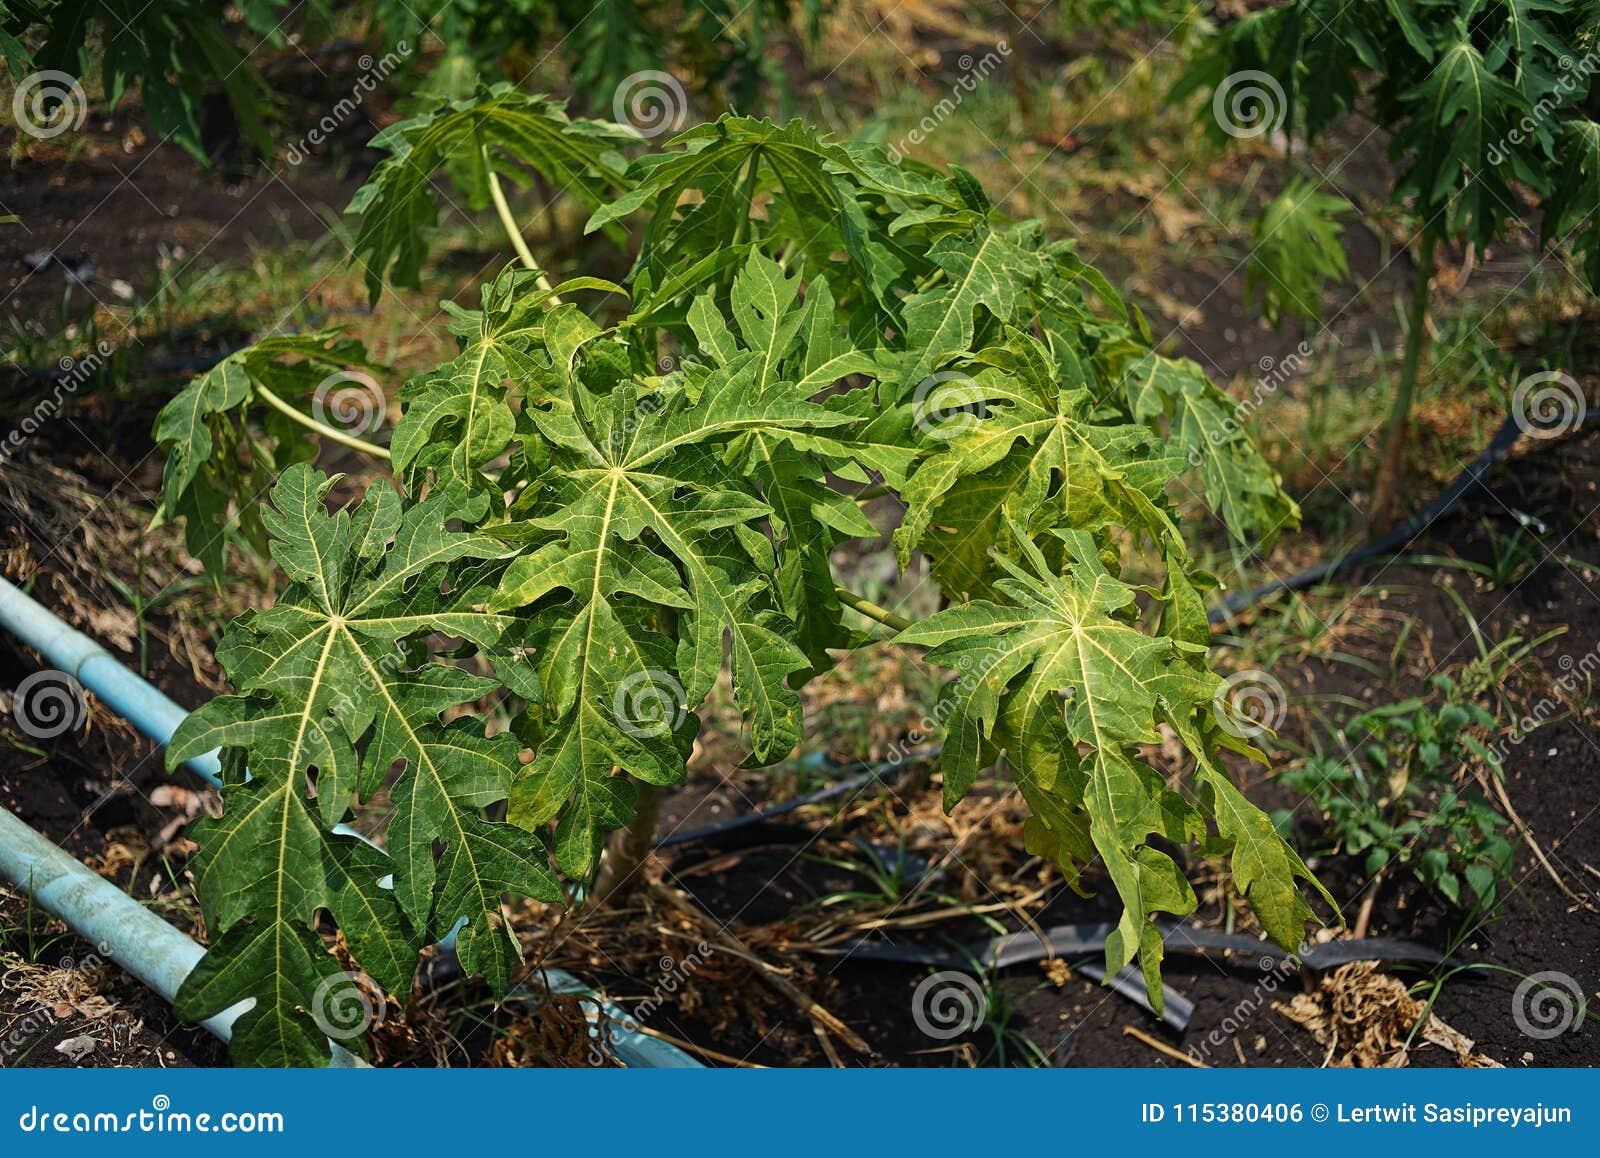 La papaye part du jaunissement et de la malformation de l infection de virus